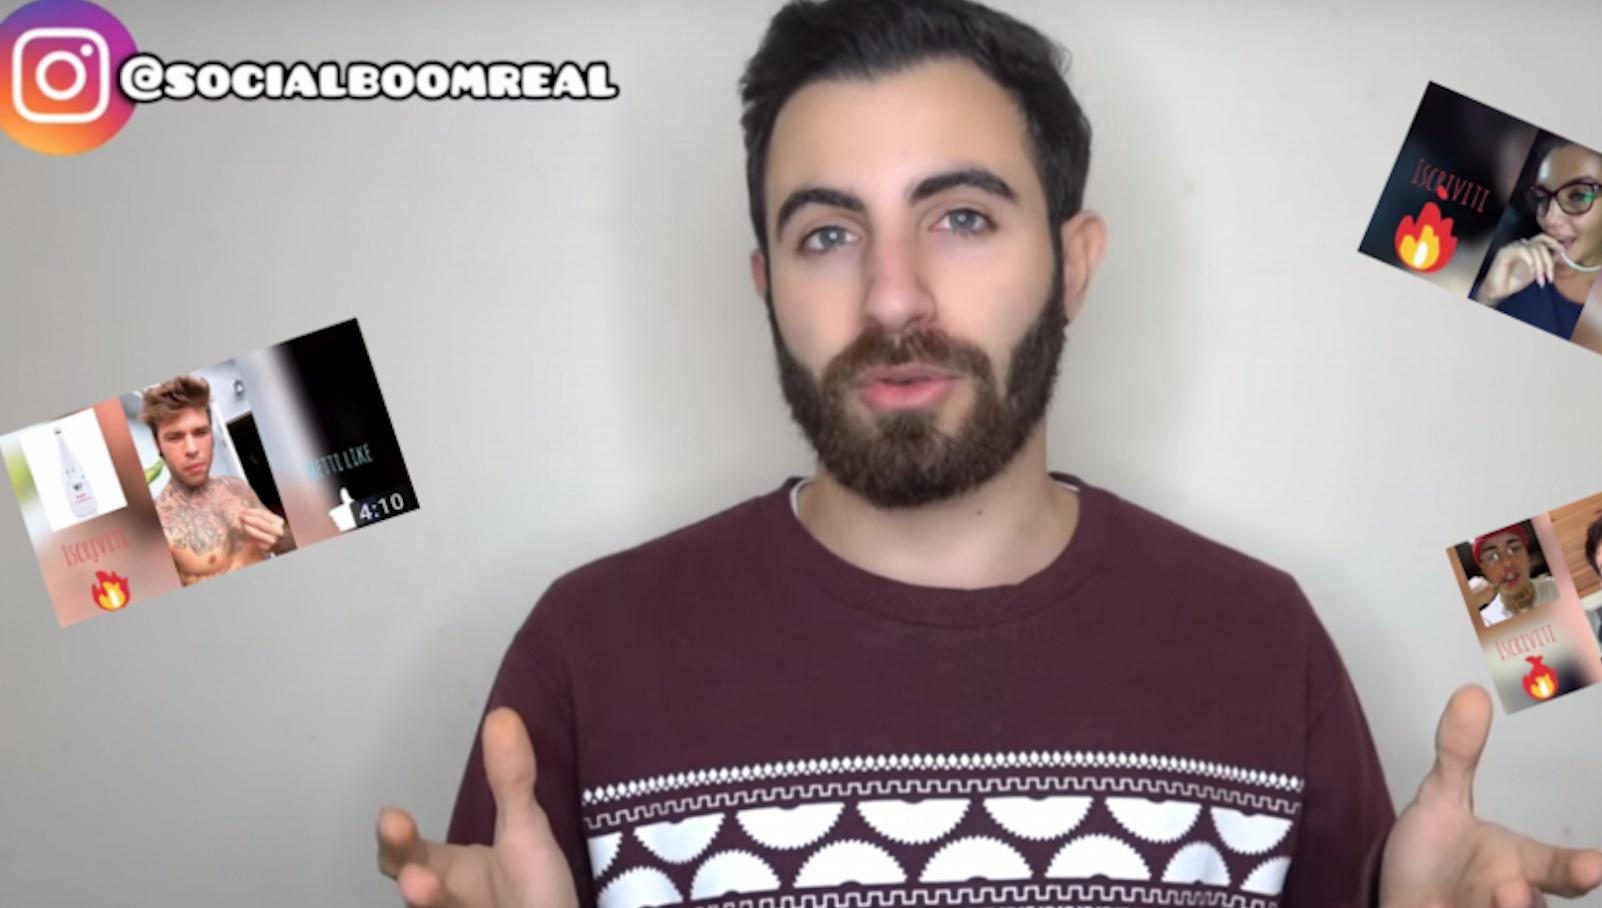 Emis Killa prende in giro Social Boom: 'Vai a lavorare'